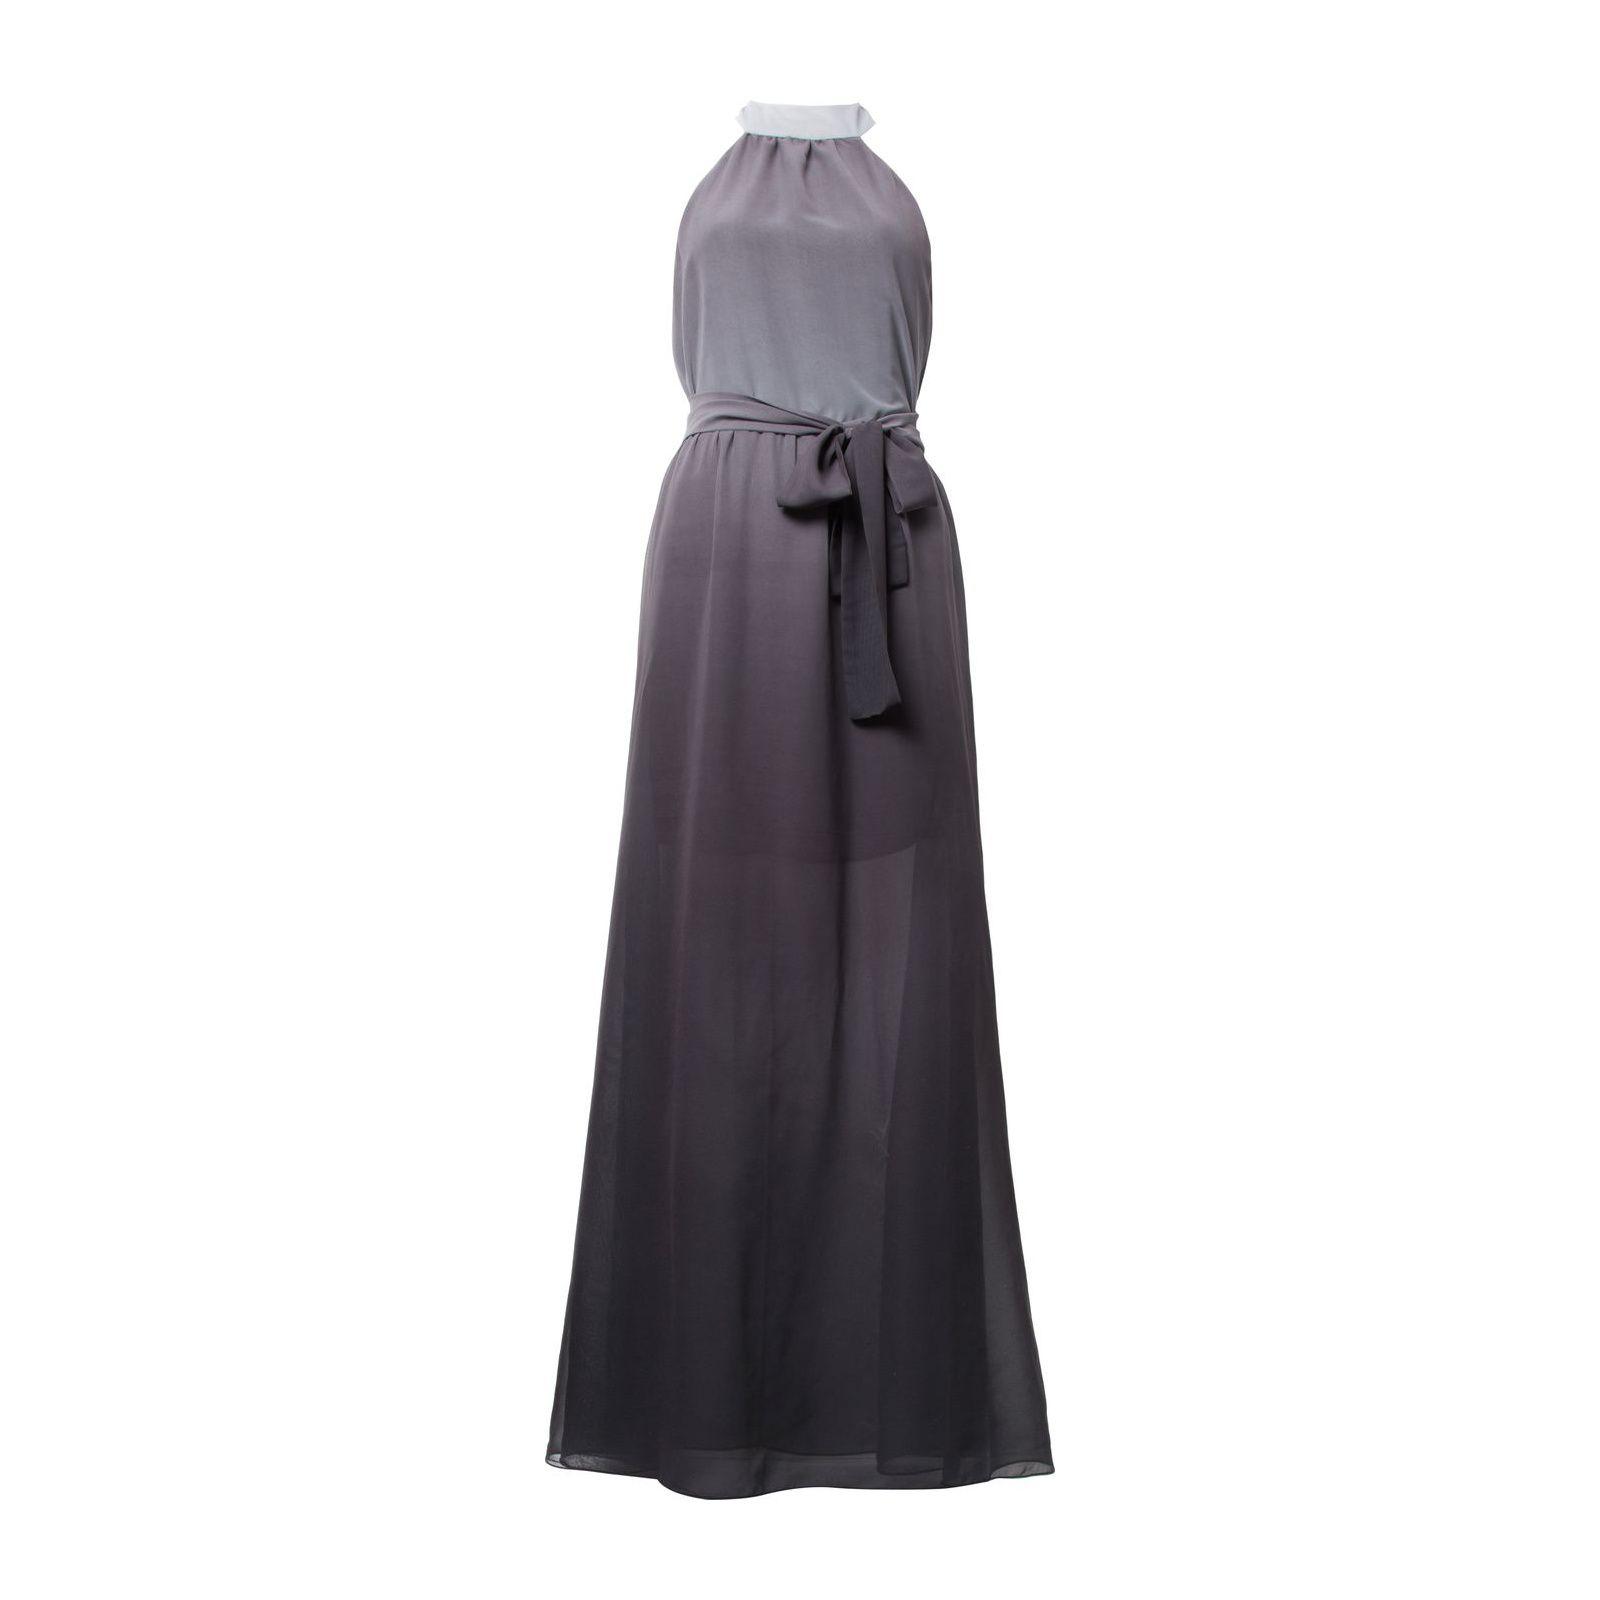 Vestido Longo Degradê - Cinza